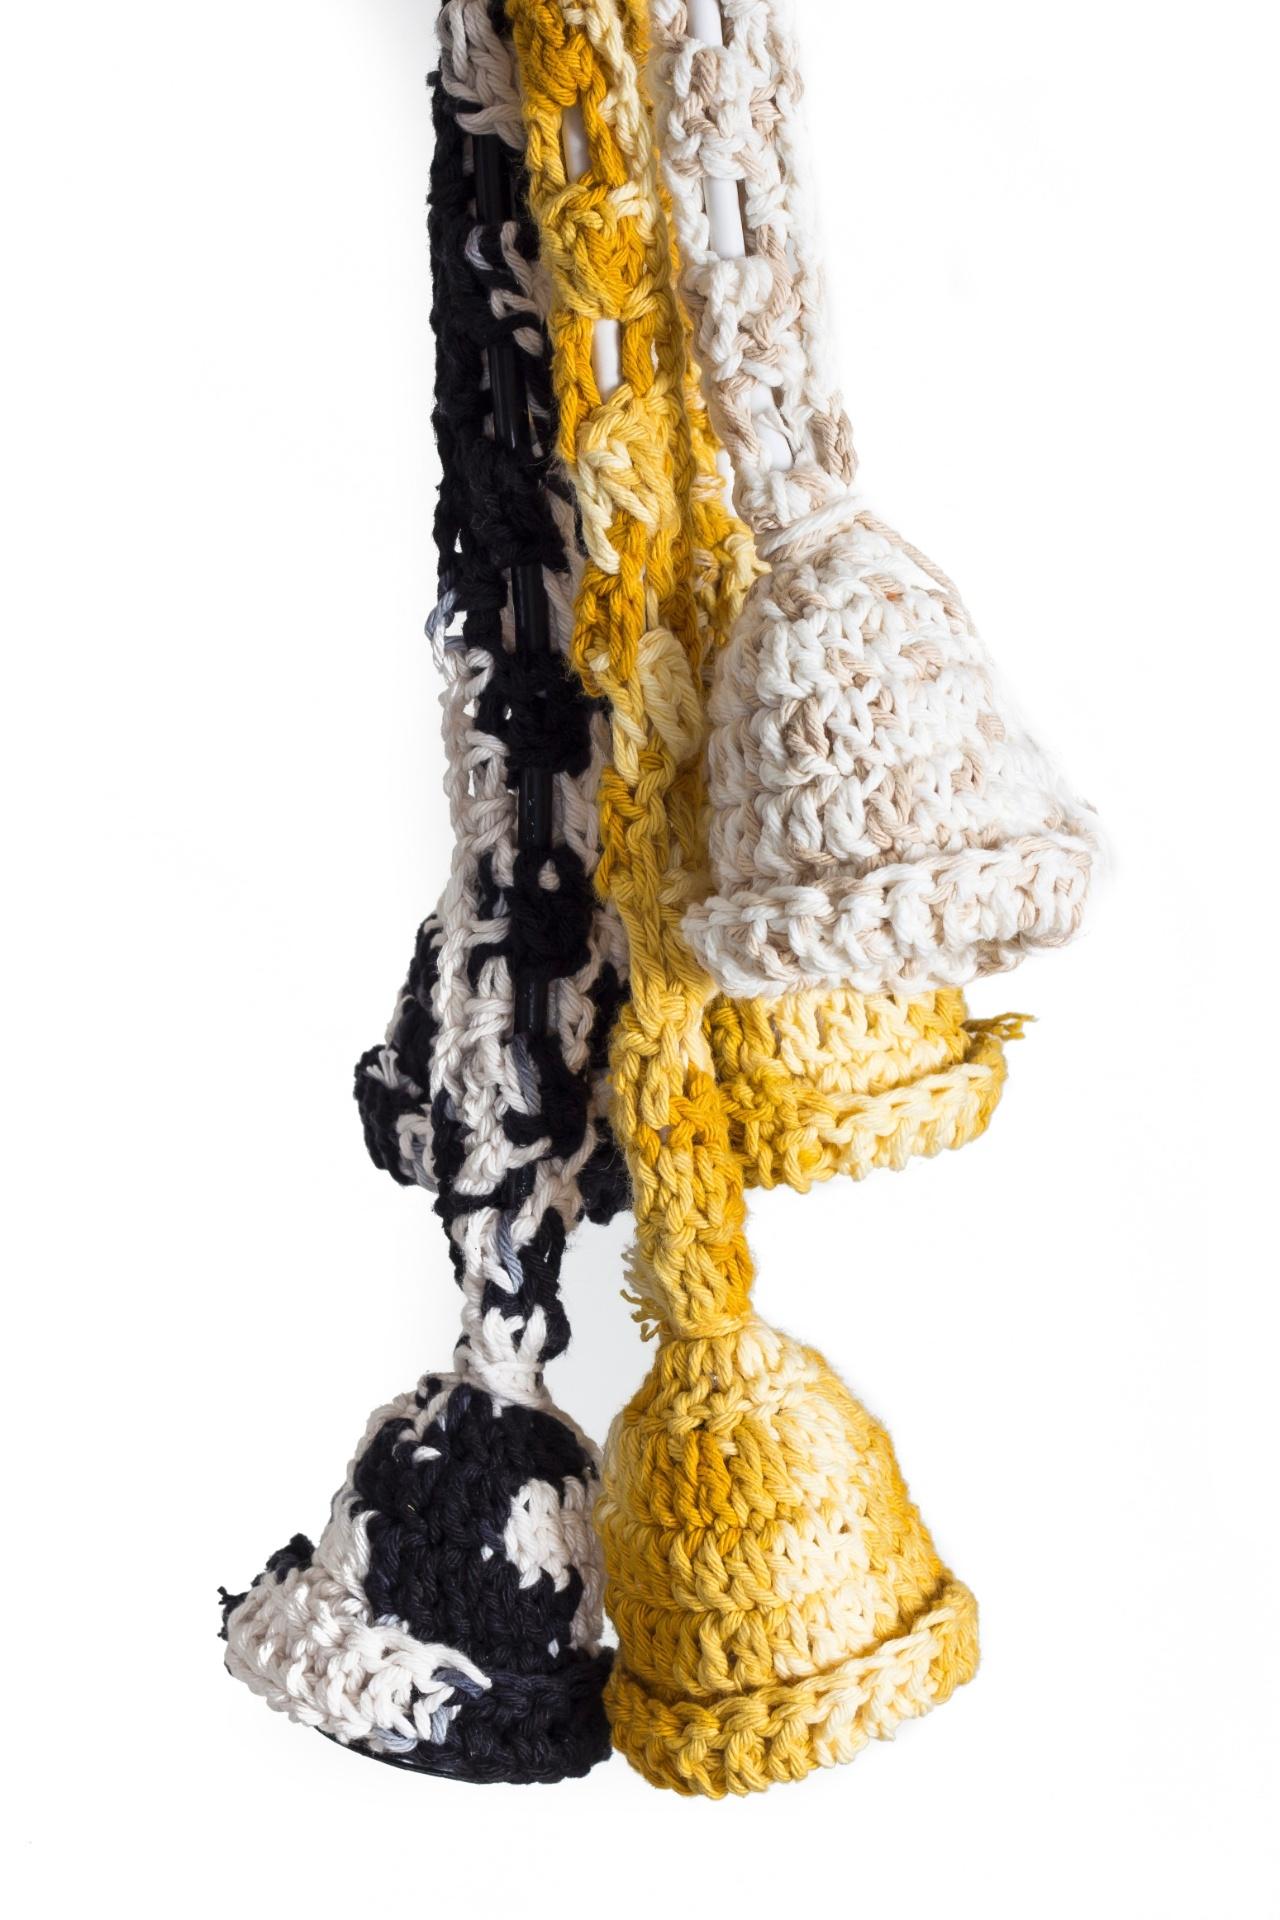 A designer Andrea Brackman, da marca Iluminadas (www.iluminadas.com.br), assina as luminárias da coleção Barroco, feitas de cordões de crochê